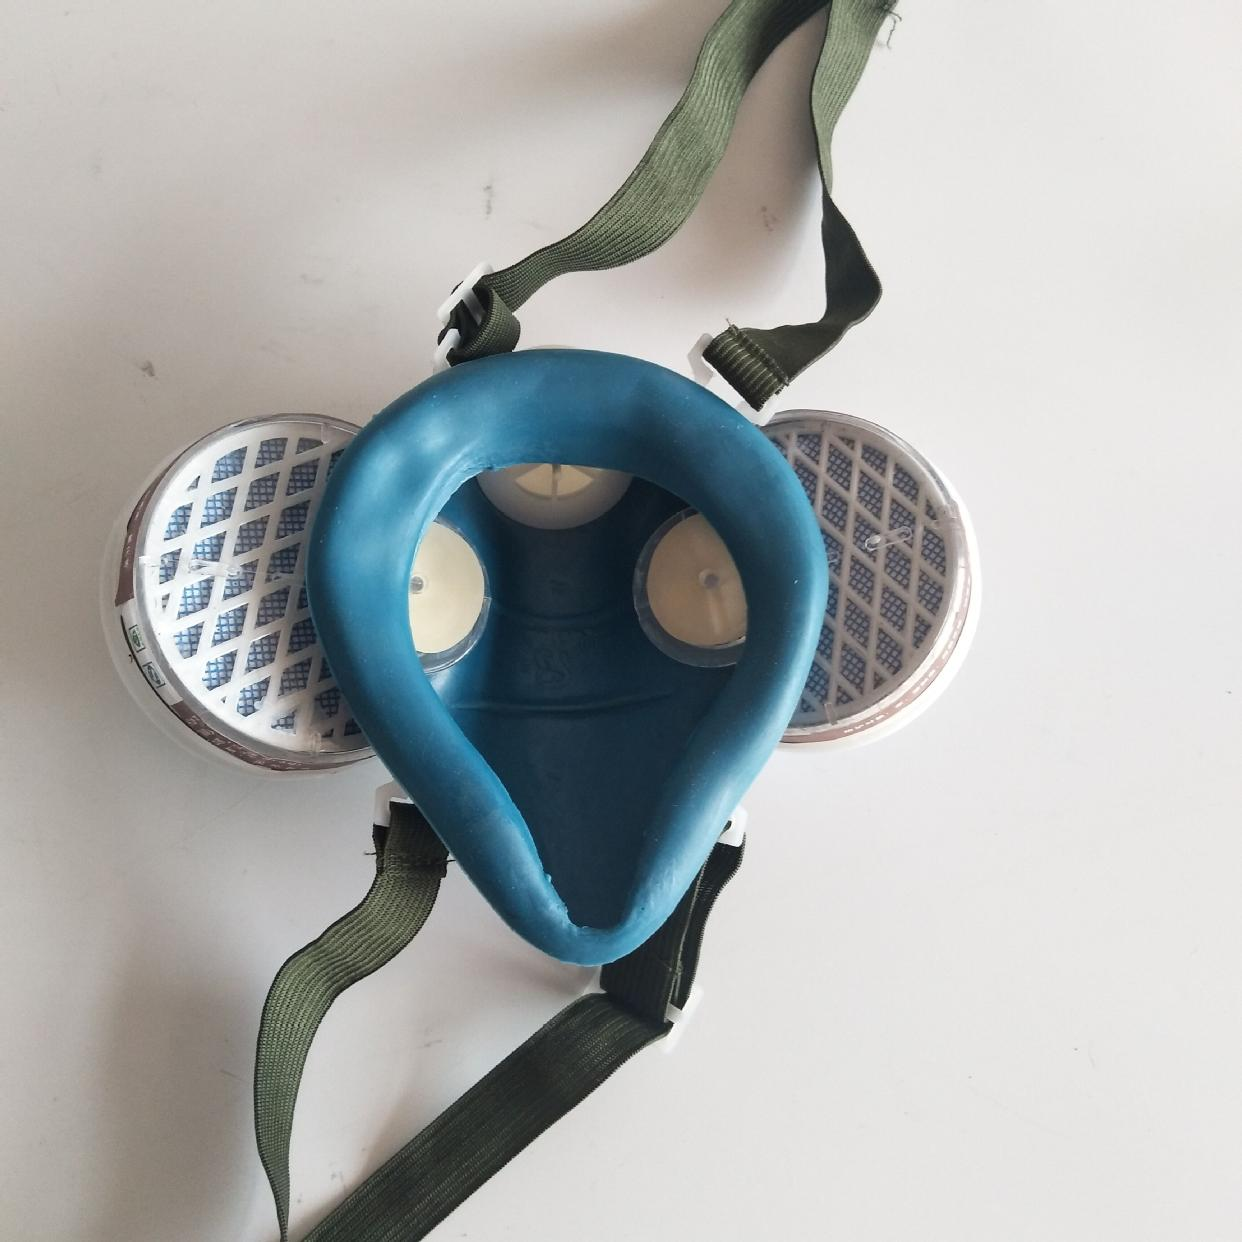 包邮双罐防毒口罩自吸式防毒口罩劳保口罩过滤式防毒口罩